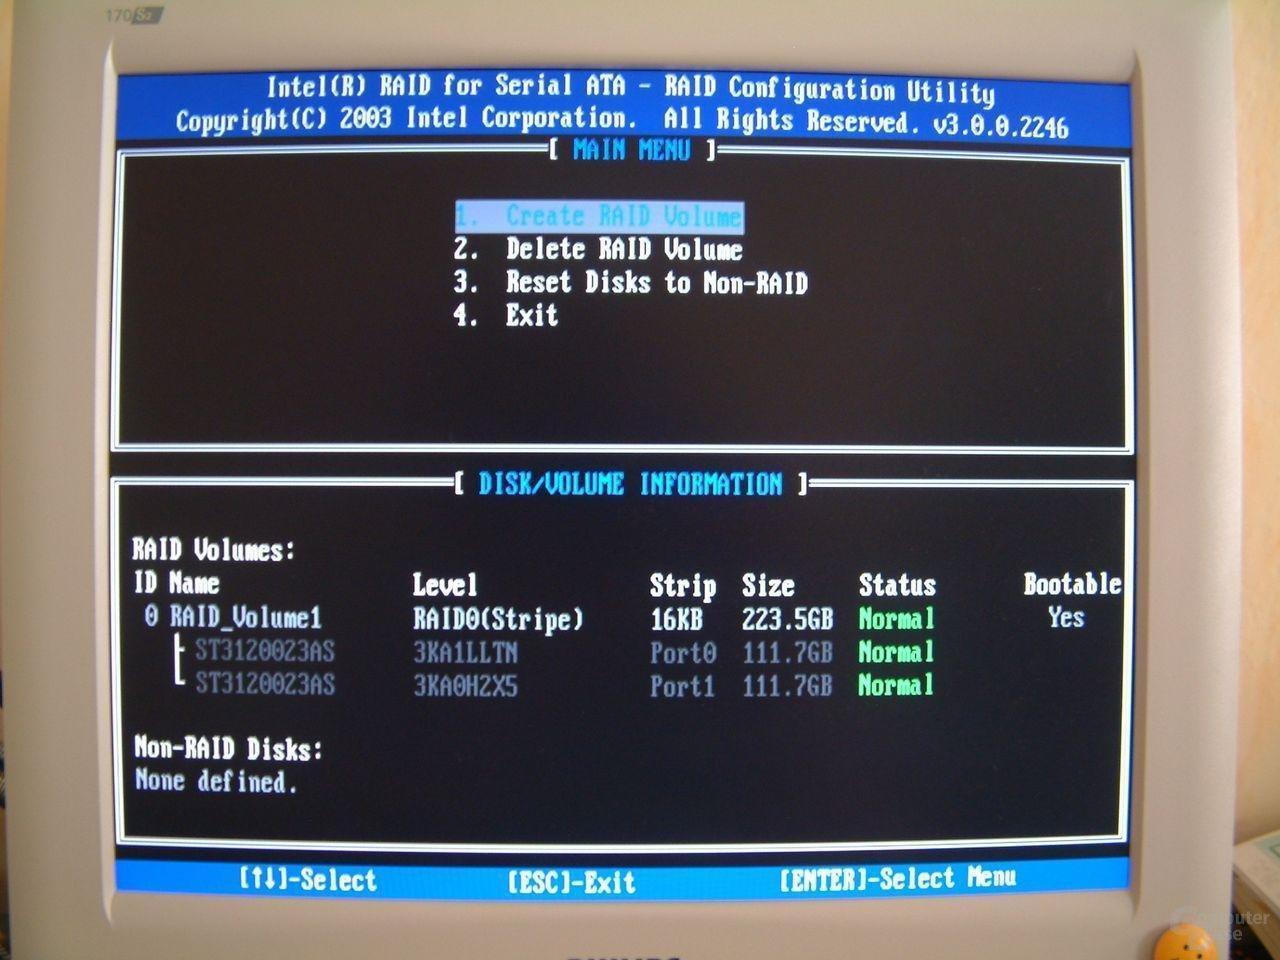 Intel ICH5/R BIOS